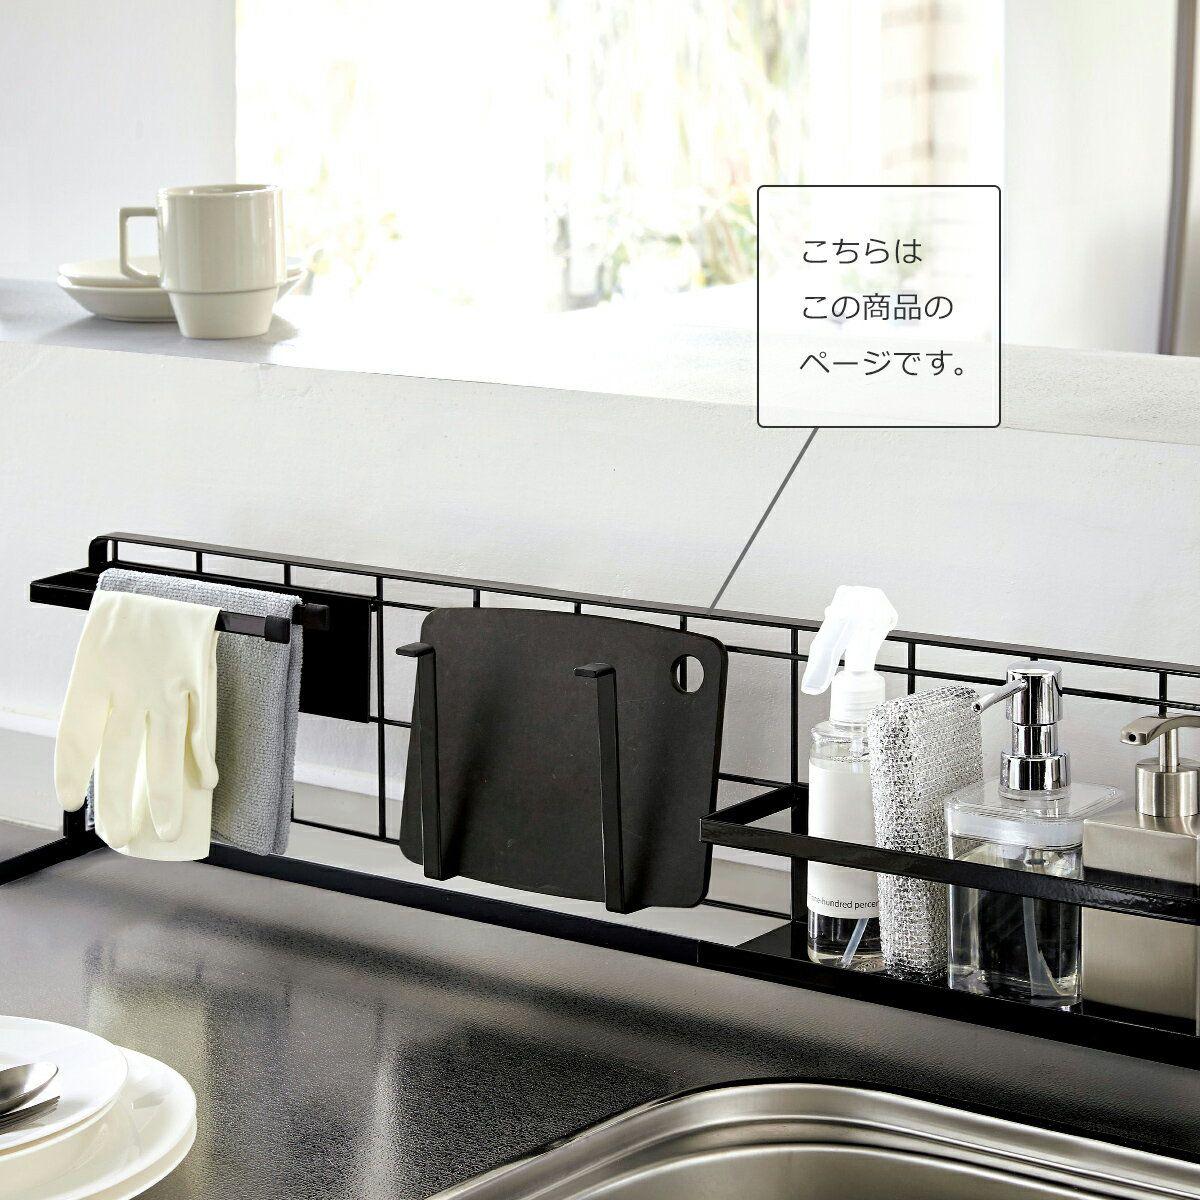 楽天市場 タワー 自立式メッシュパネル ワイヤーネット キッチン